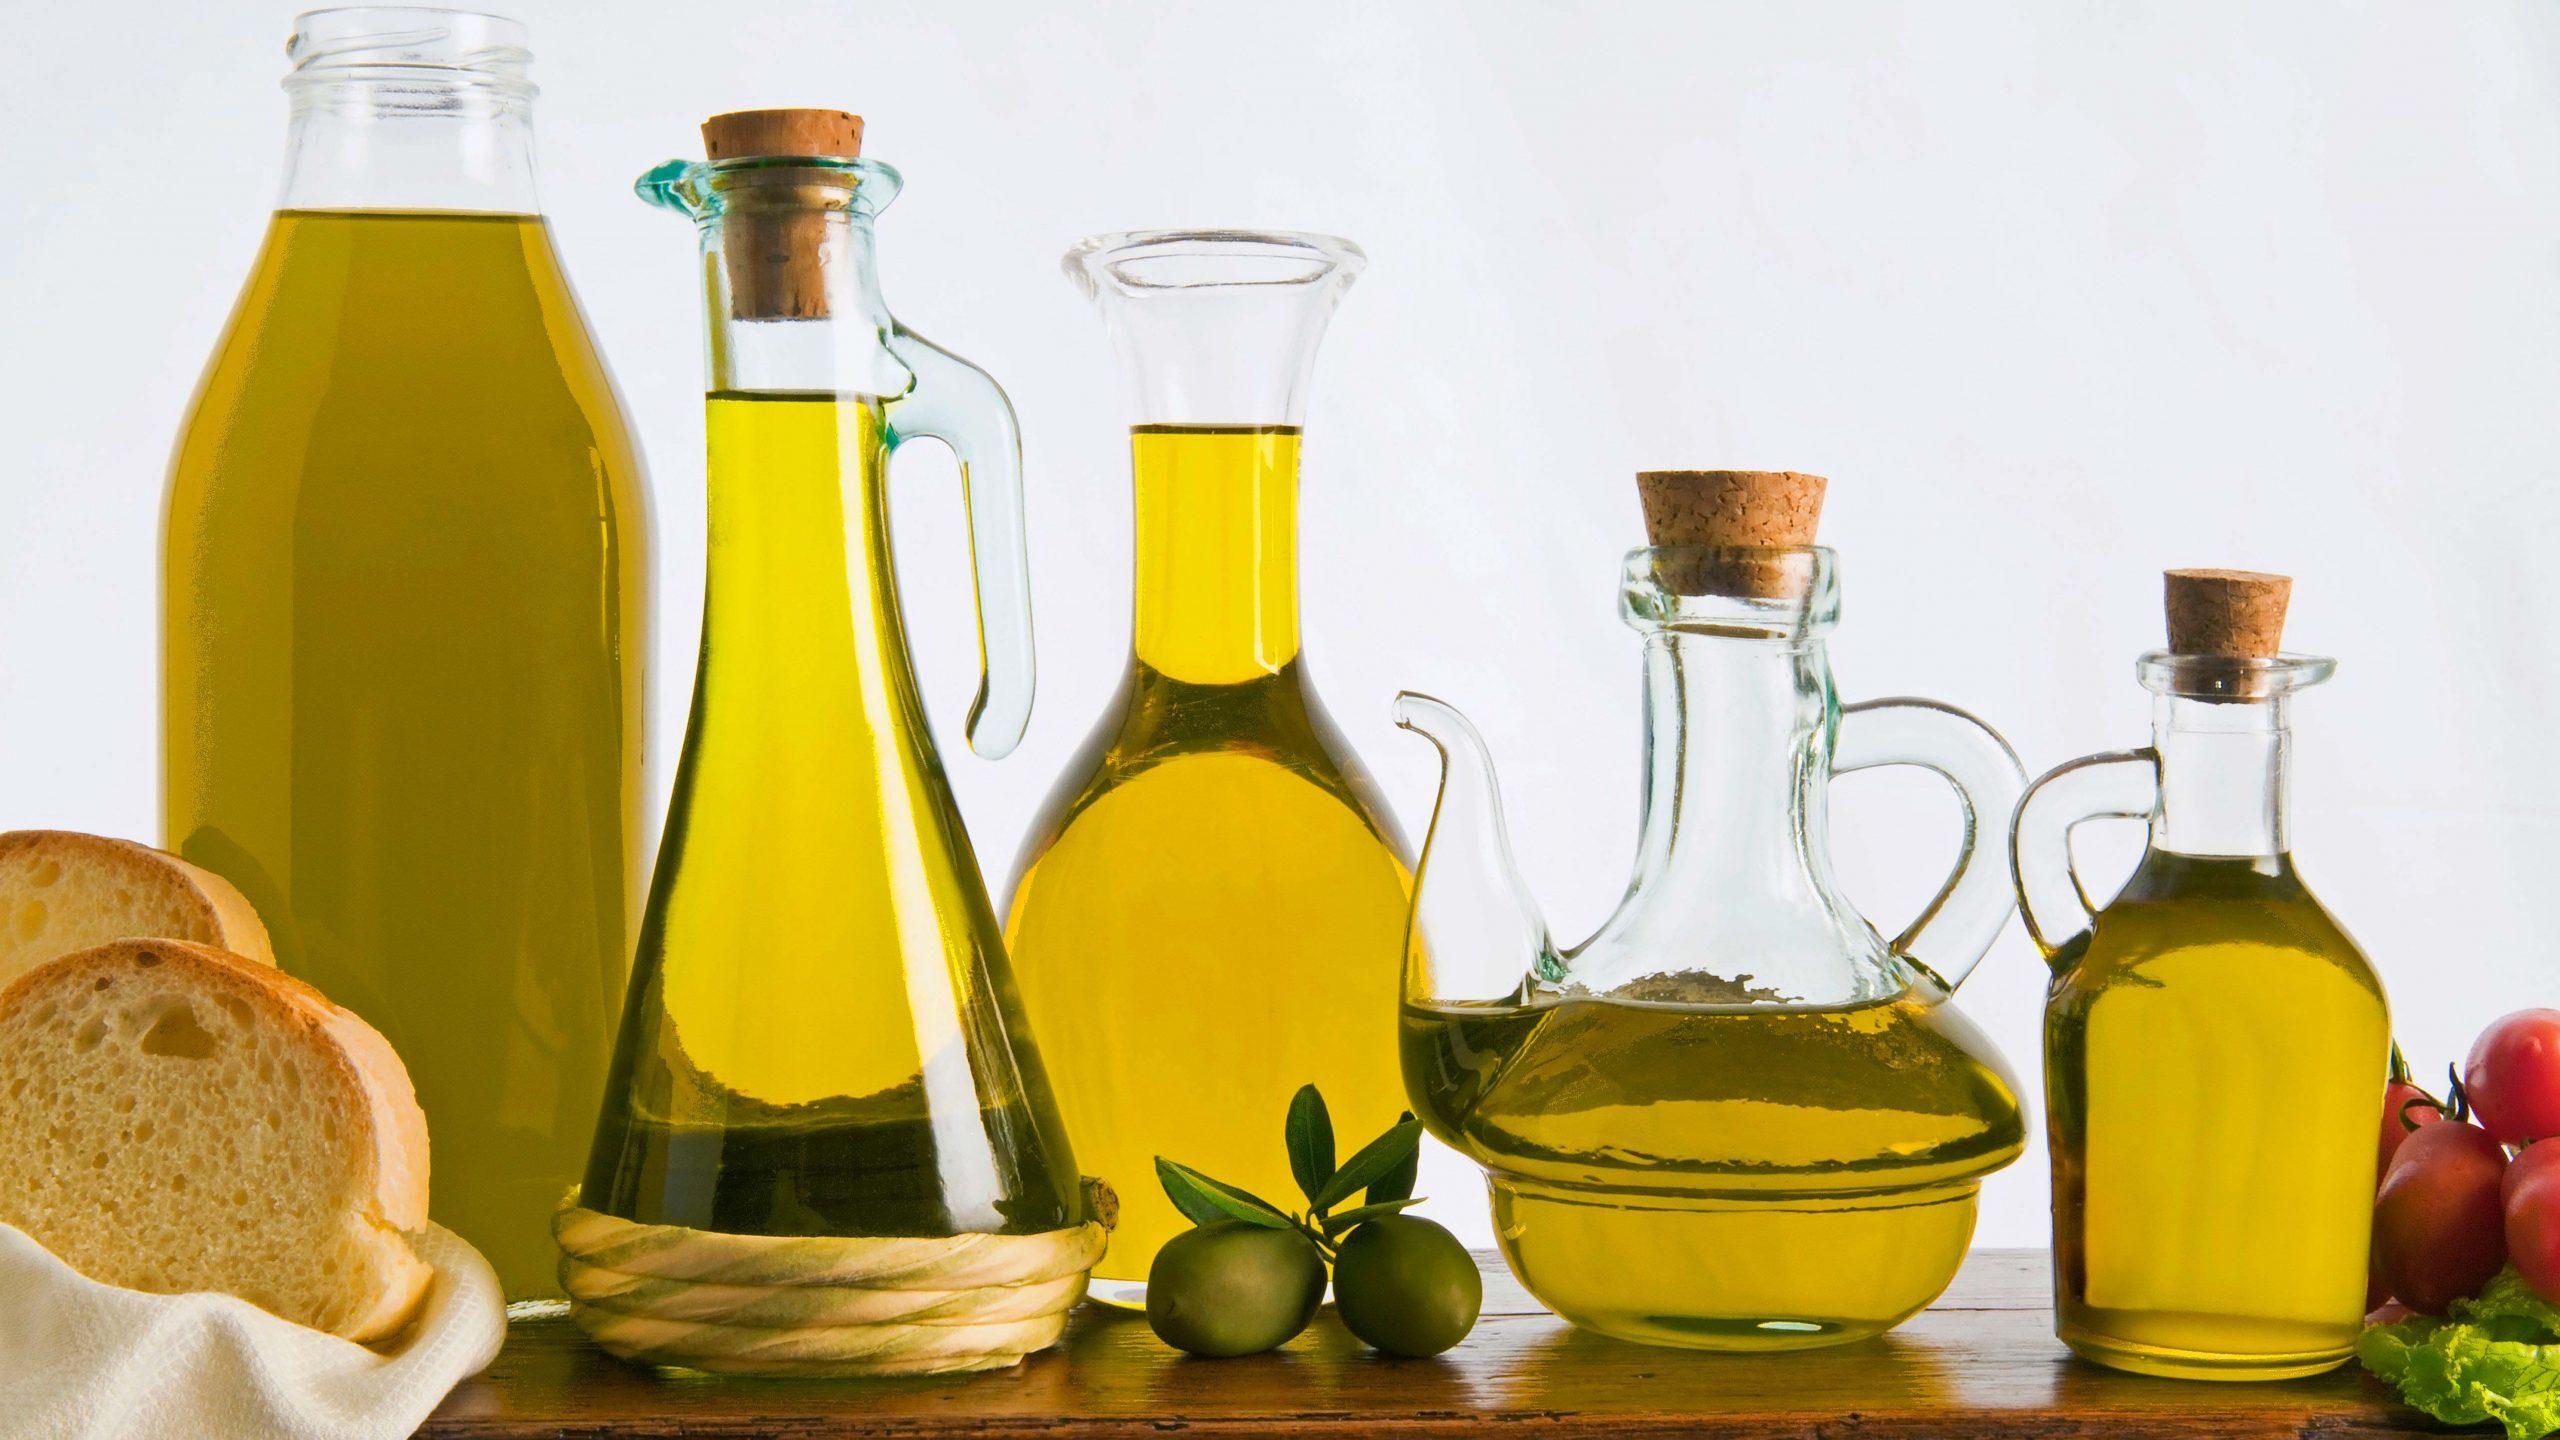 انواع روغن زیتون برای پخت و پز سرشار از آنتیاکسیدان و ویتامینهای متعدد میباشد.